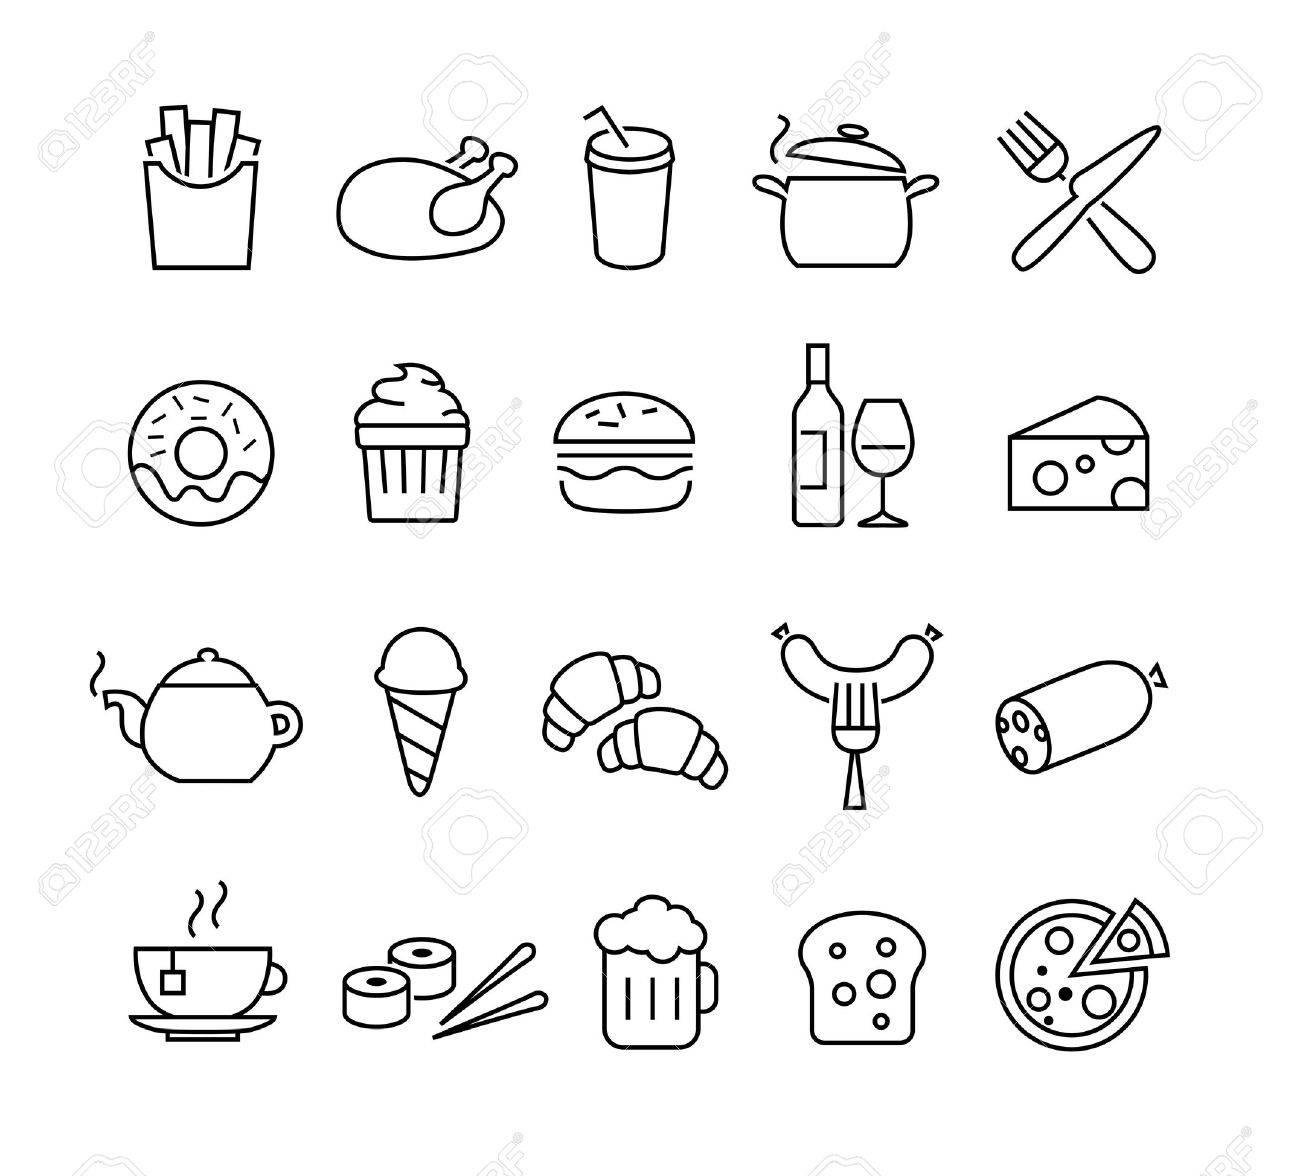 Colección De Iconos Que Representan Las Líneas Finas Y Cocinar Los Alimentos Adecuado Para Impresión Web O El Diseño De Aplicaciones Móviles